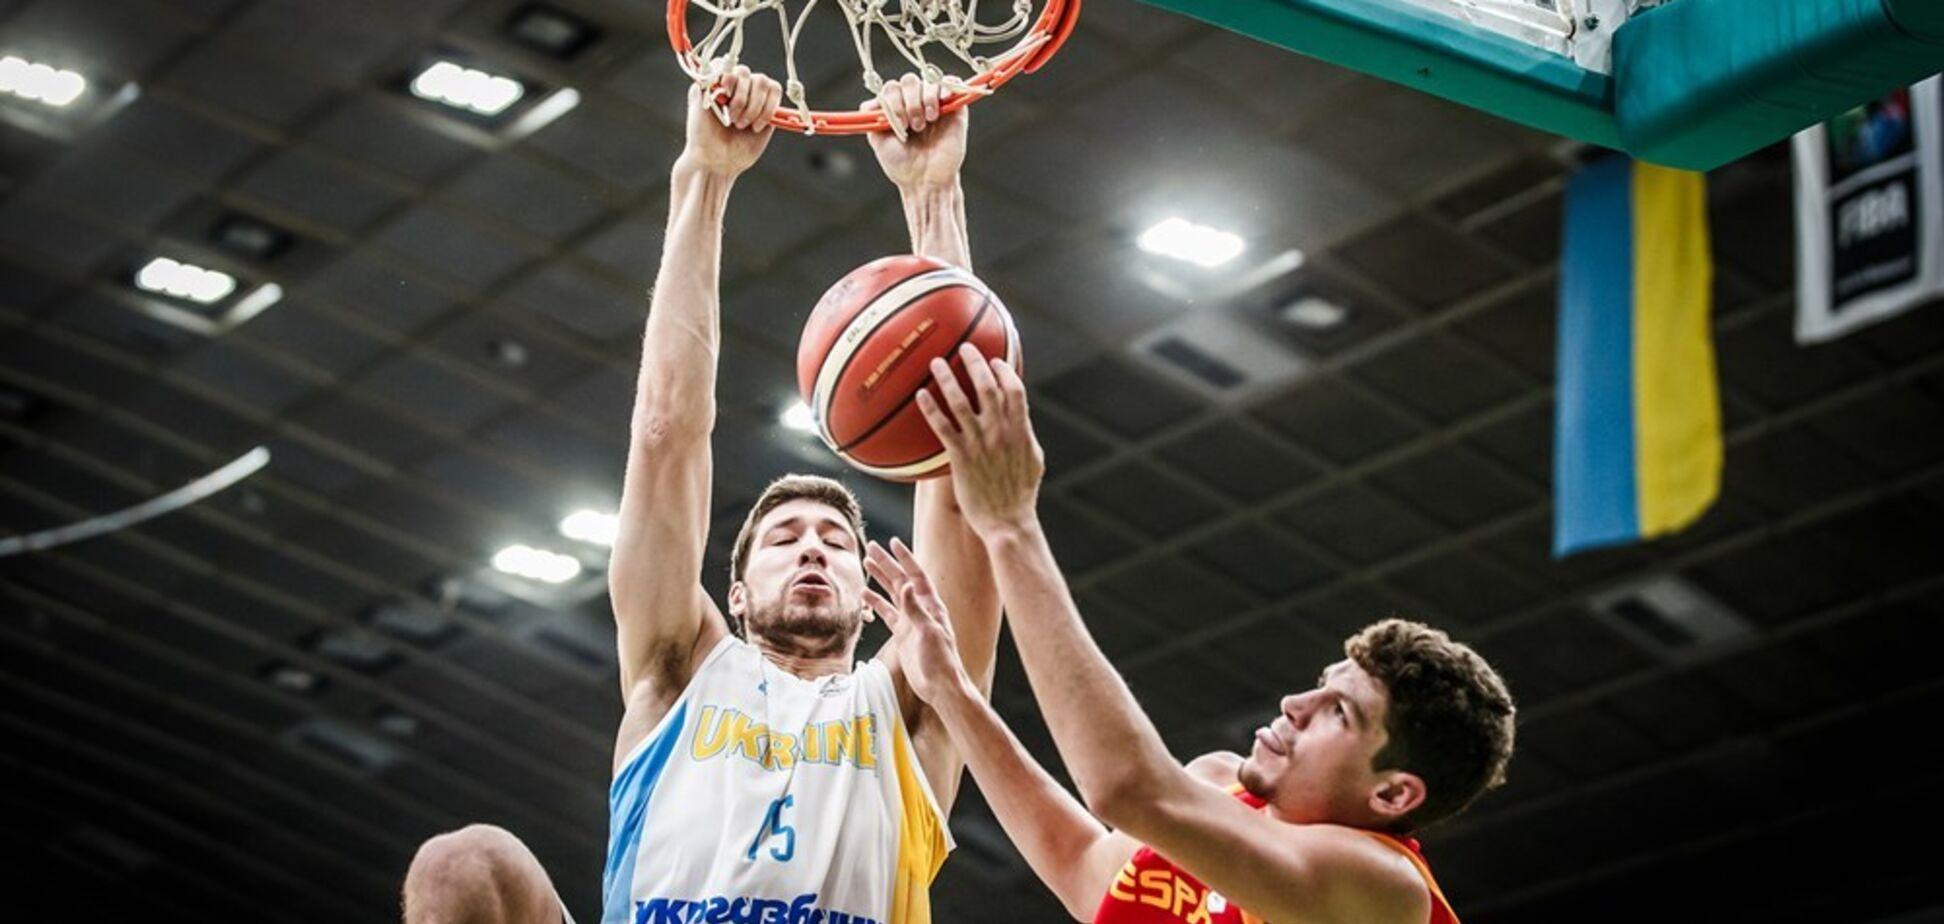 Момент с участием сборной Украины вошел в топ-5 КМ по баскетболу